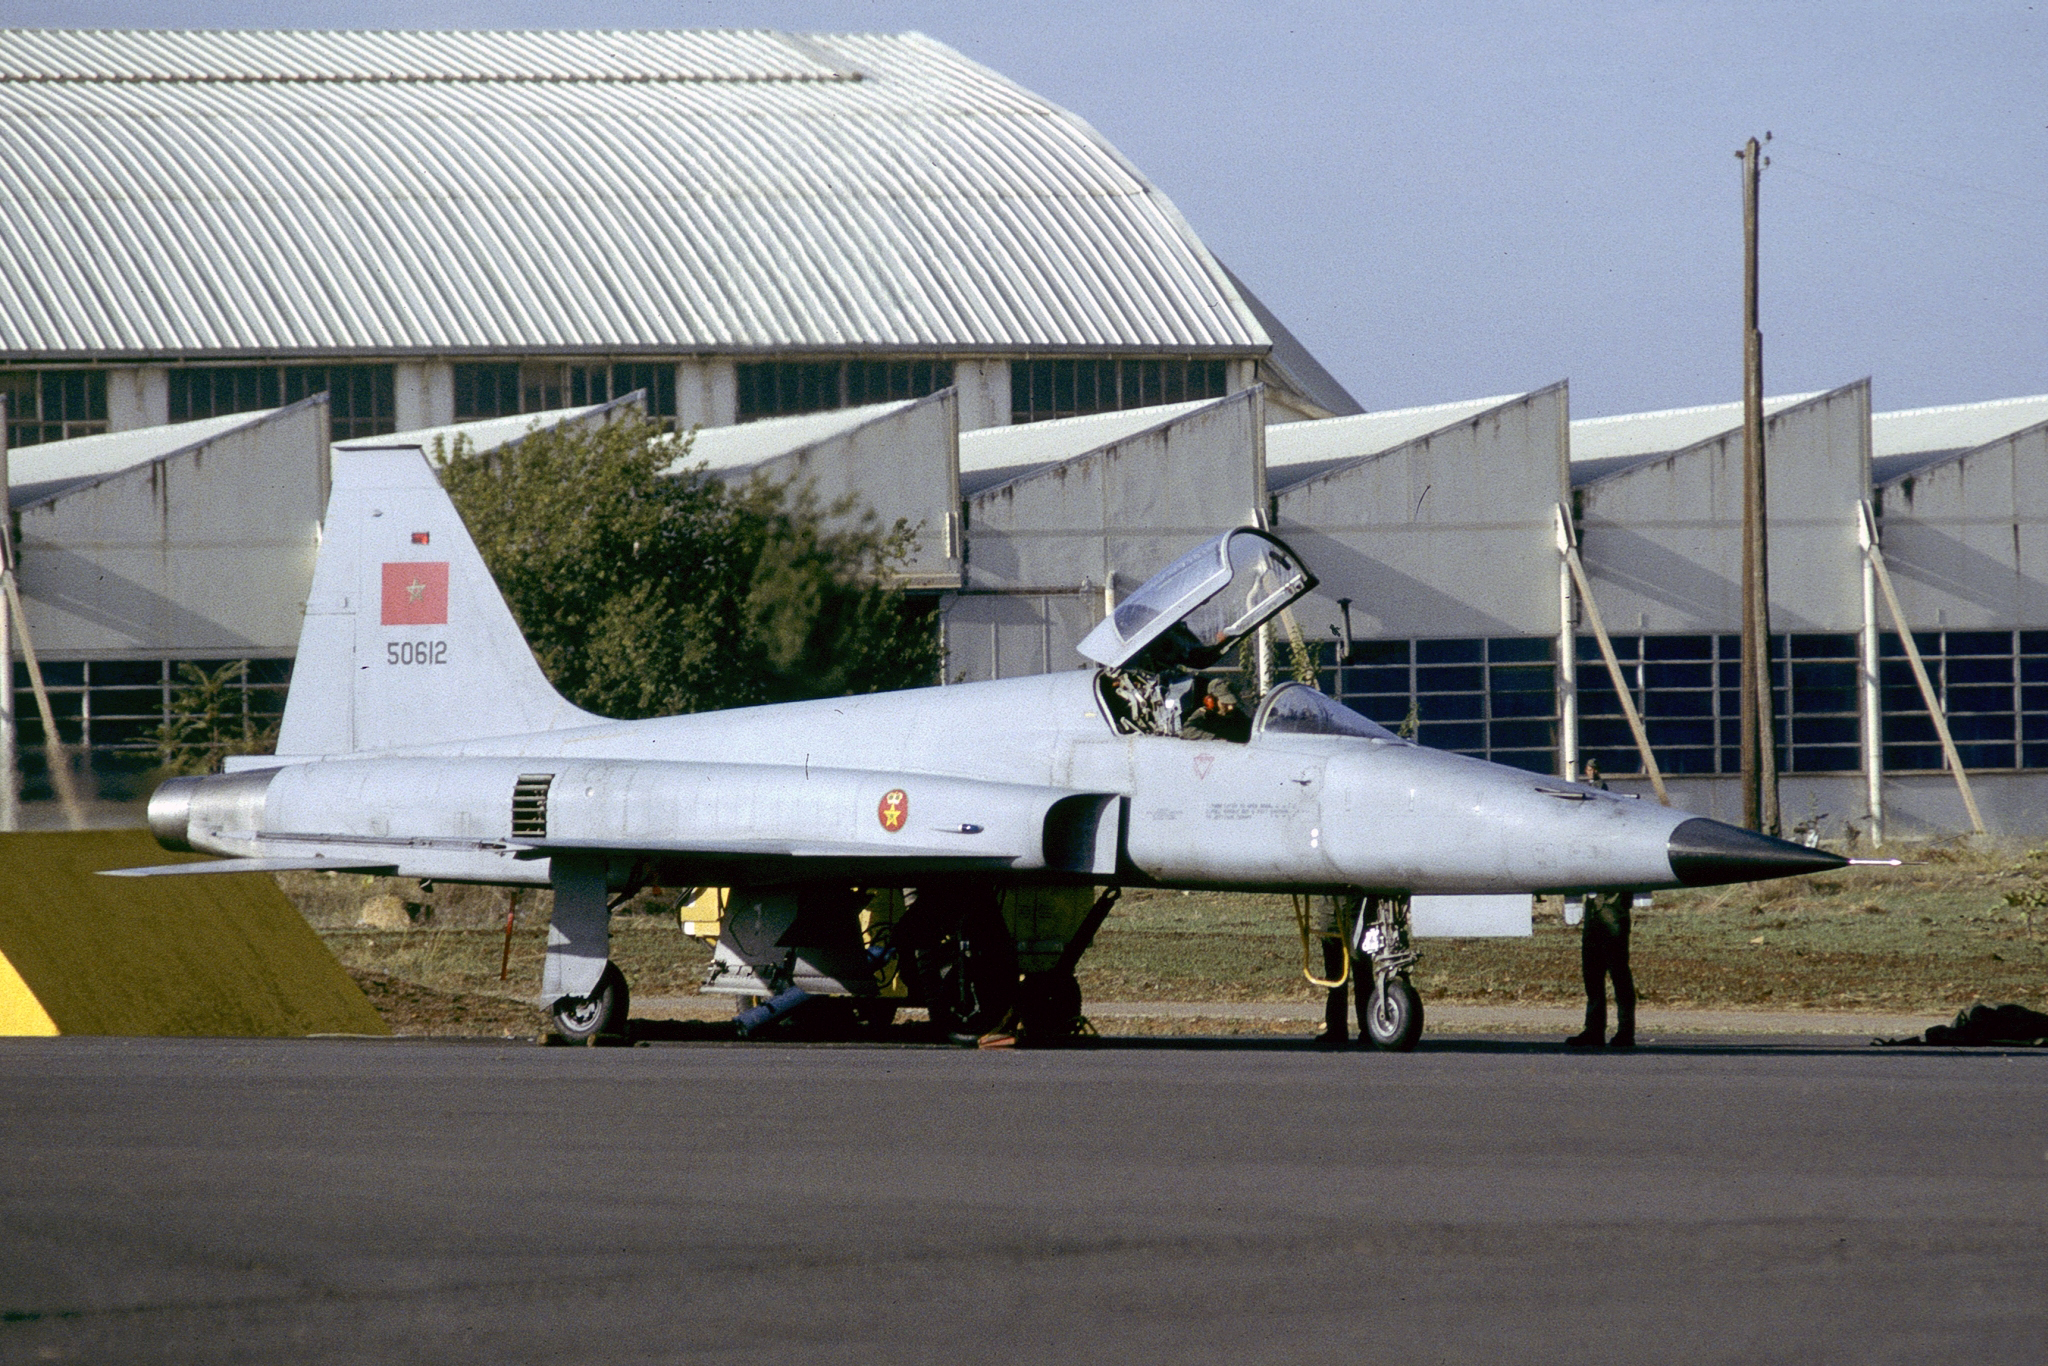 F-5A/B/E et F des FRA / RMAF Northrop F-5 Tiger III - Page 21 30519957894_6e0f33977e_o_d